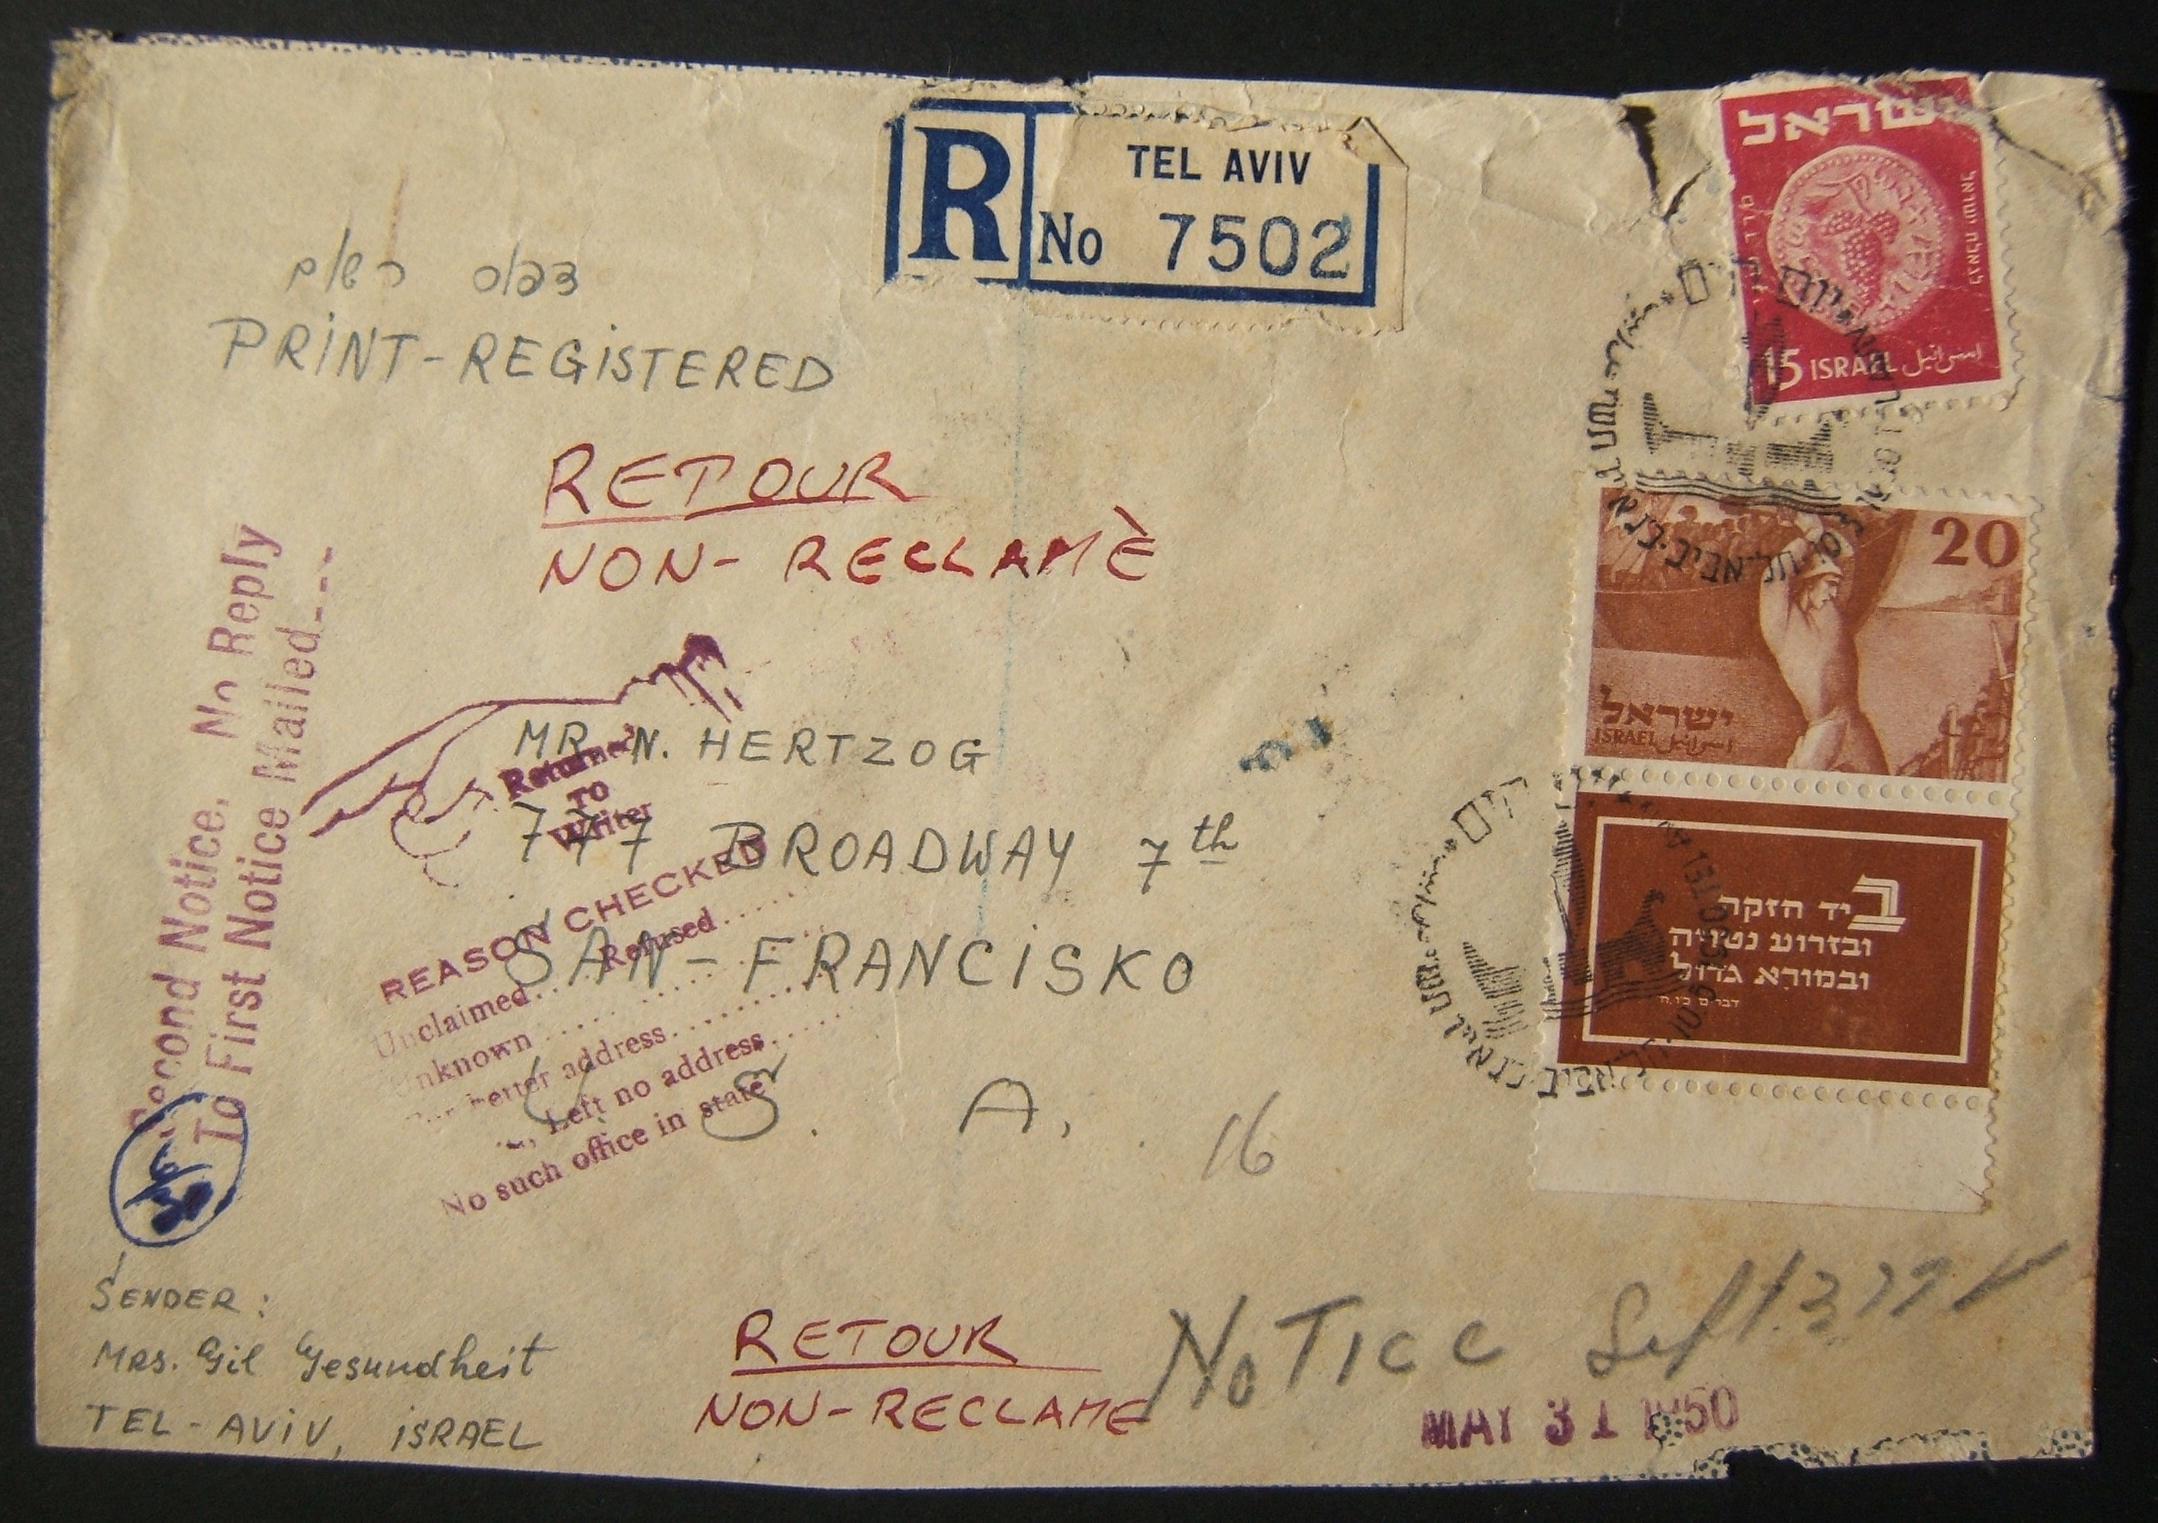 5/550 البريد السطحي من تل أبيب إلى الولايات المتحدة باستخدام كامل الطابع التباعيد 20Pr الاستقلال